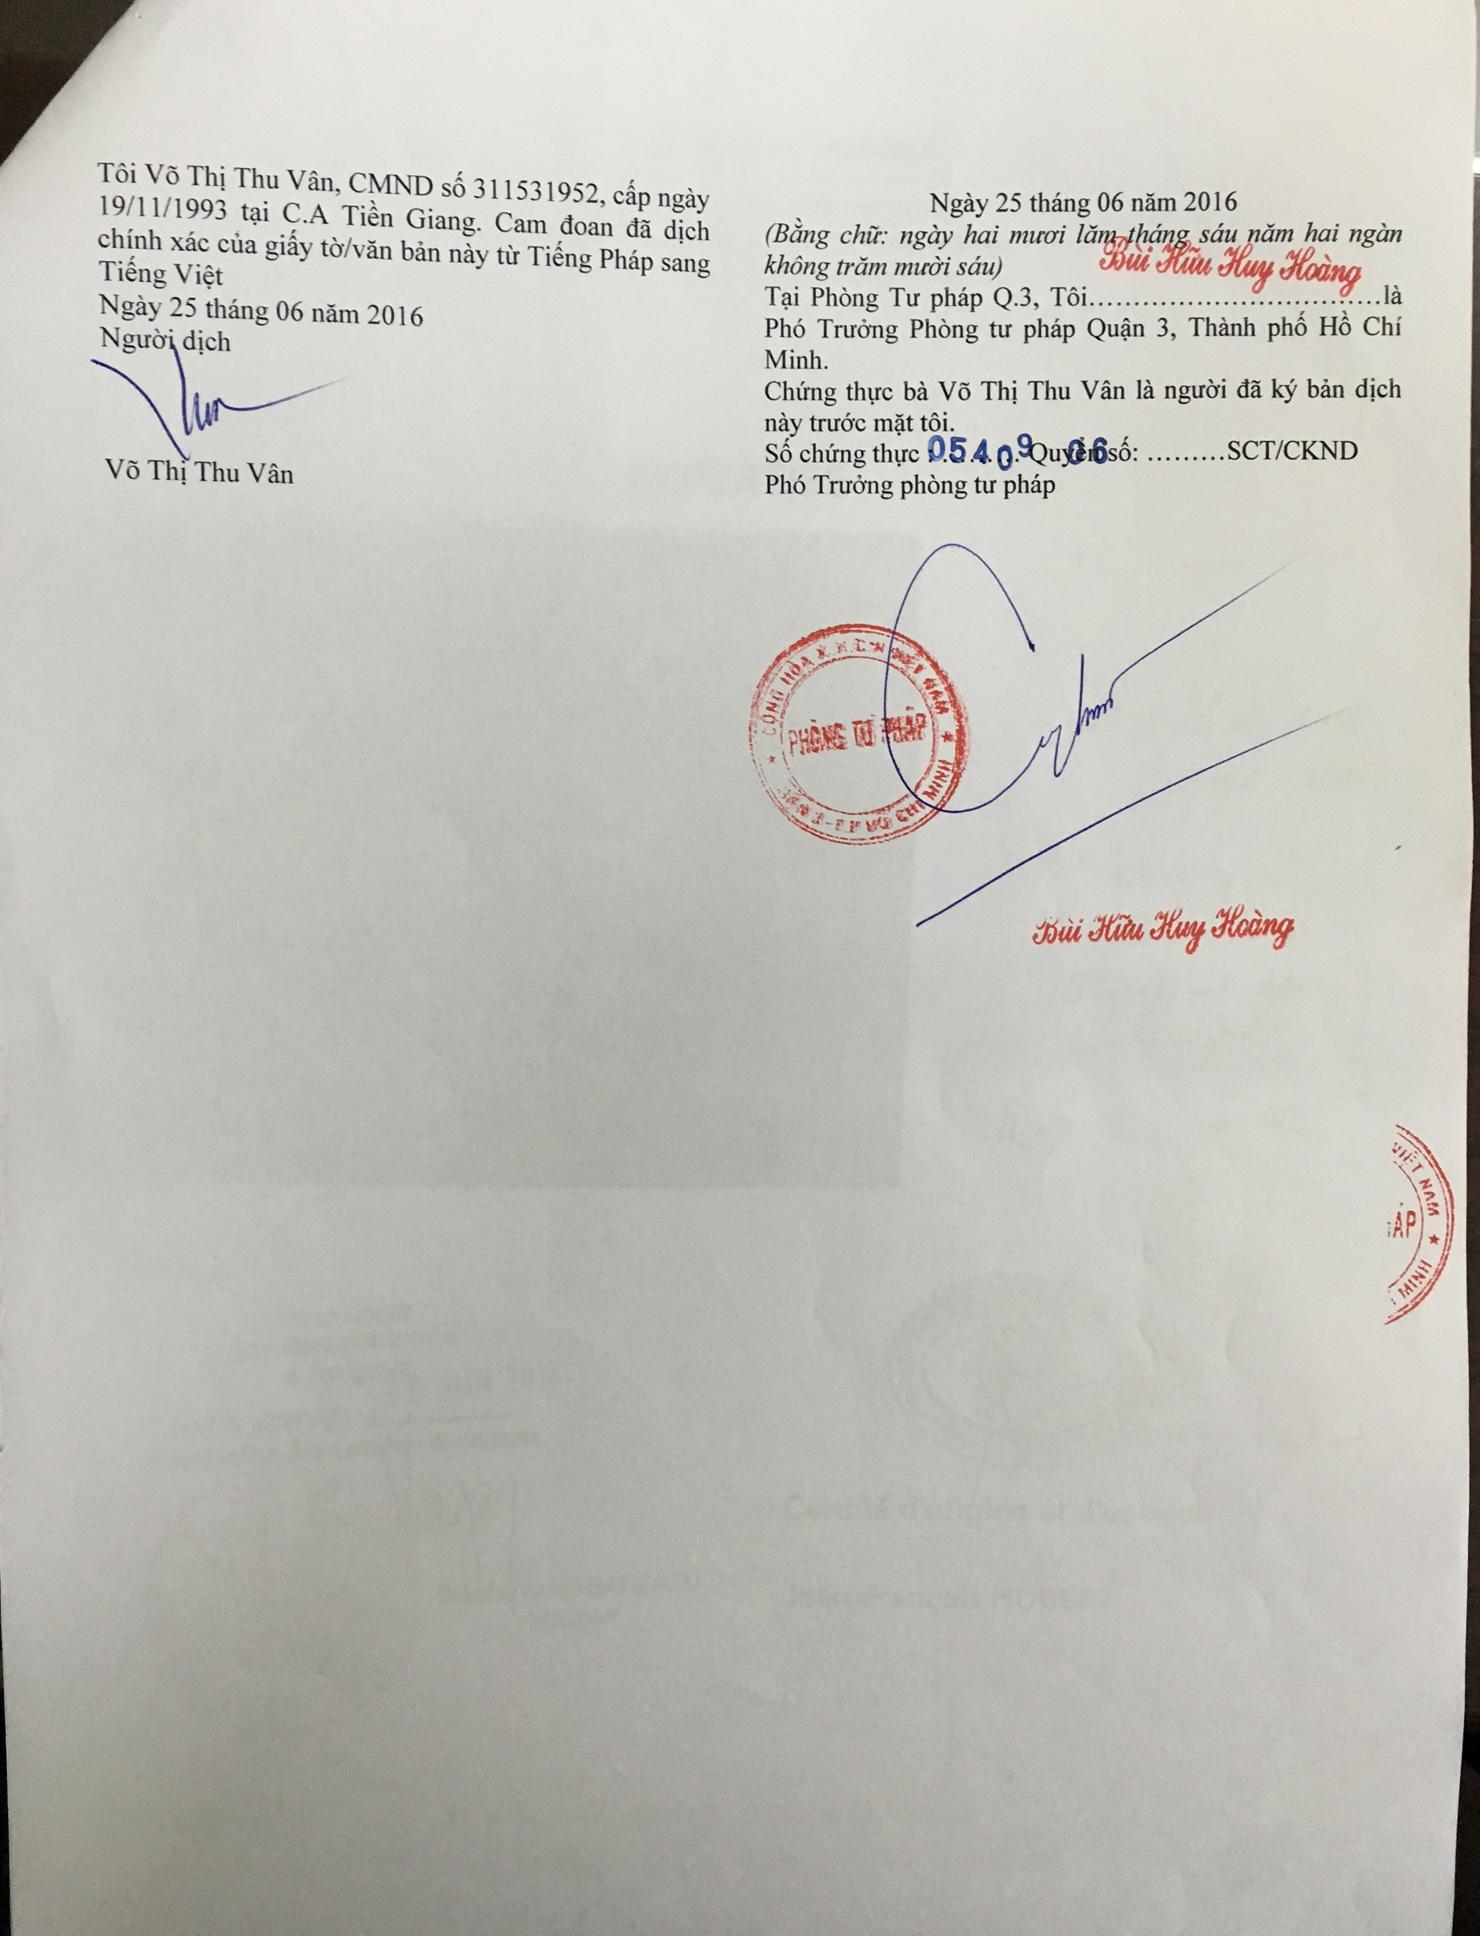 Giấy công chứng về bản chính của giấy xác nhận, đánh giá của chuyên gia